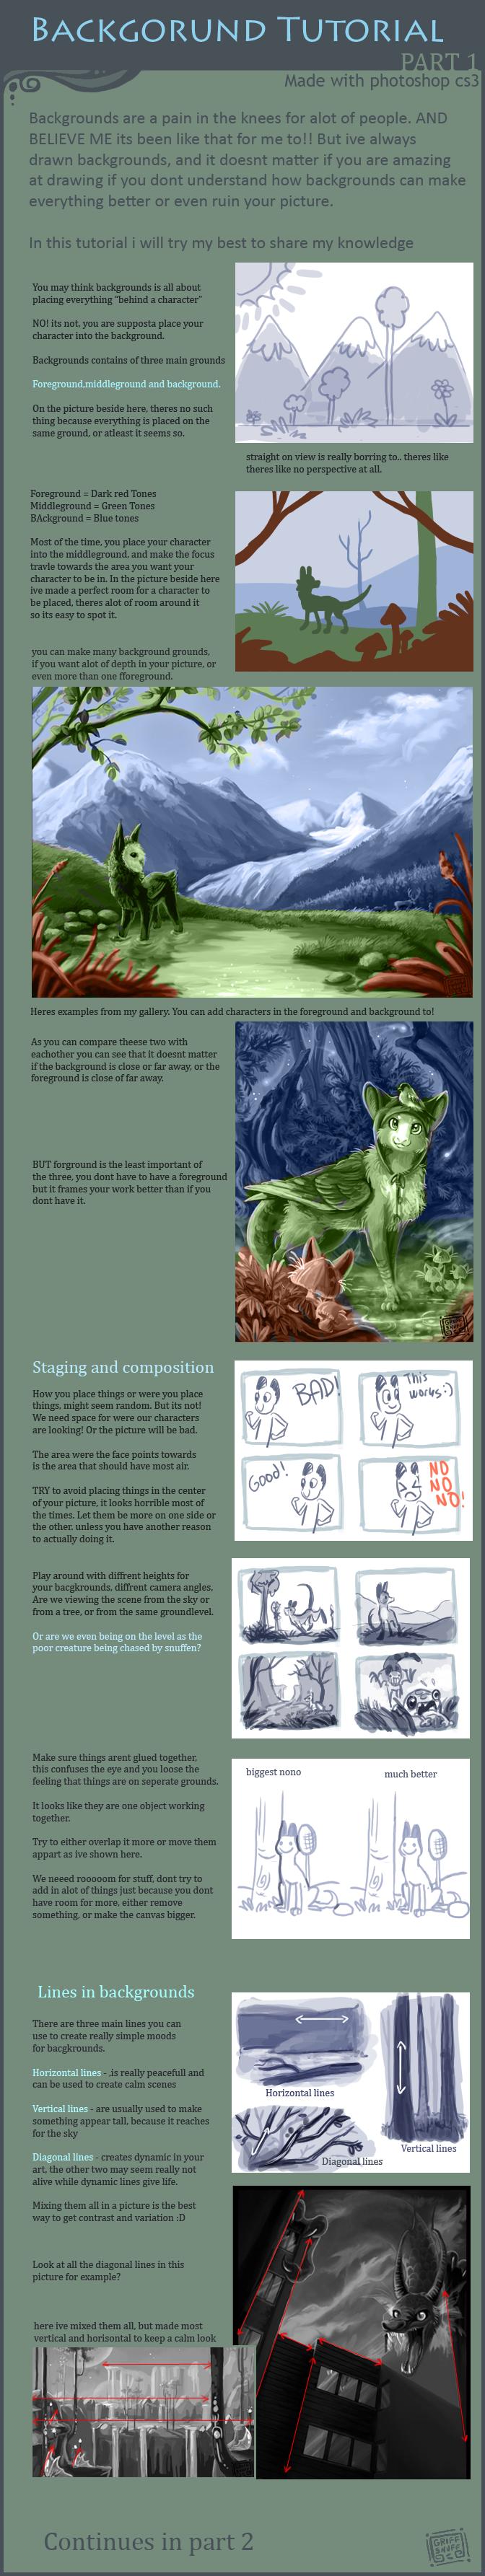 background tutorial part1 by griffsnuff on DeviantArt